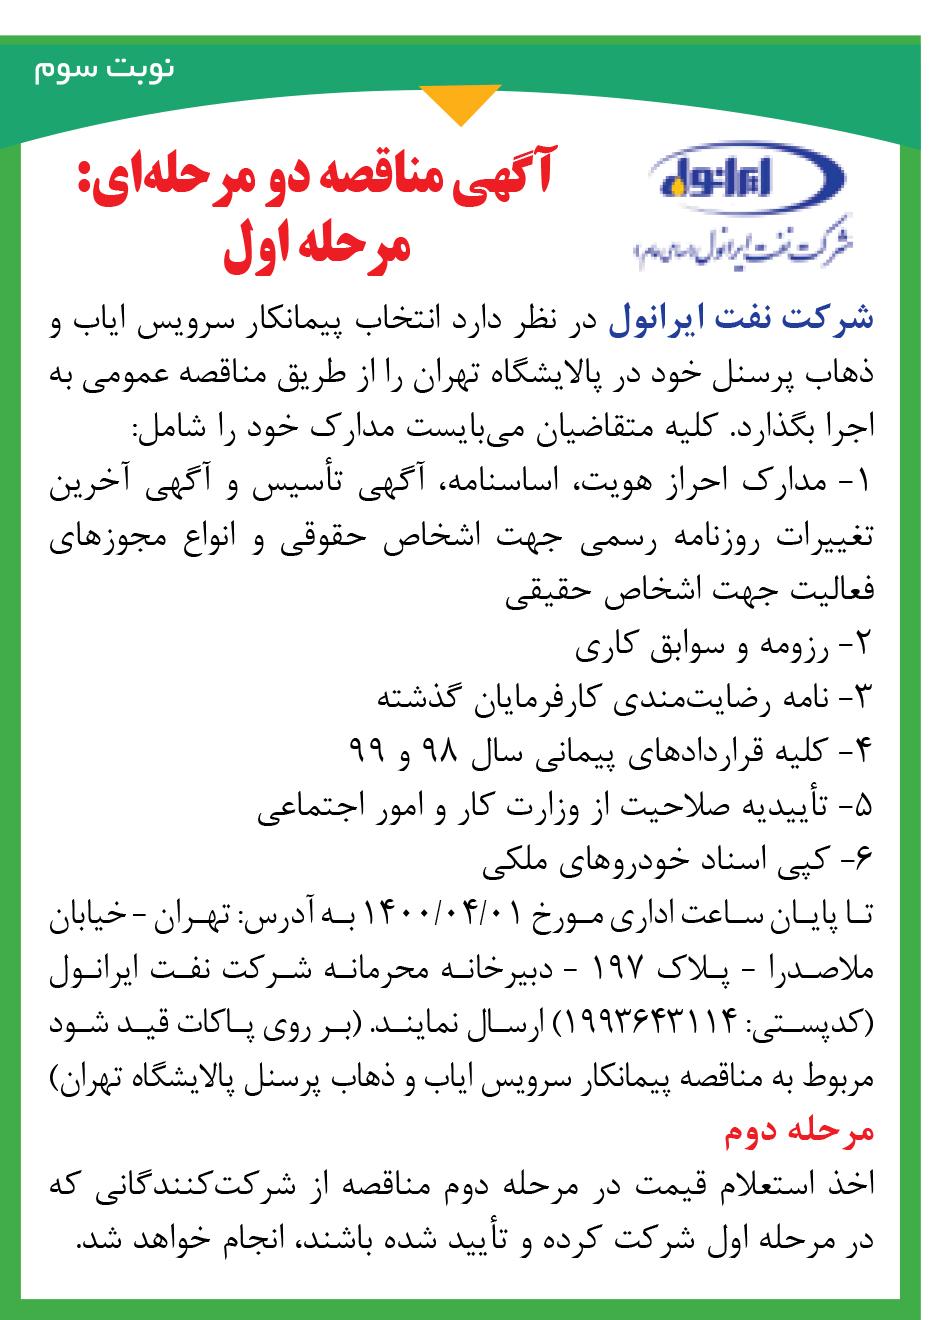 آگهی مناقصه سرویس ایاب ذهاب پرسنل تهران (نوبت سوم)